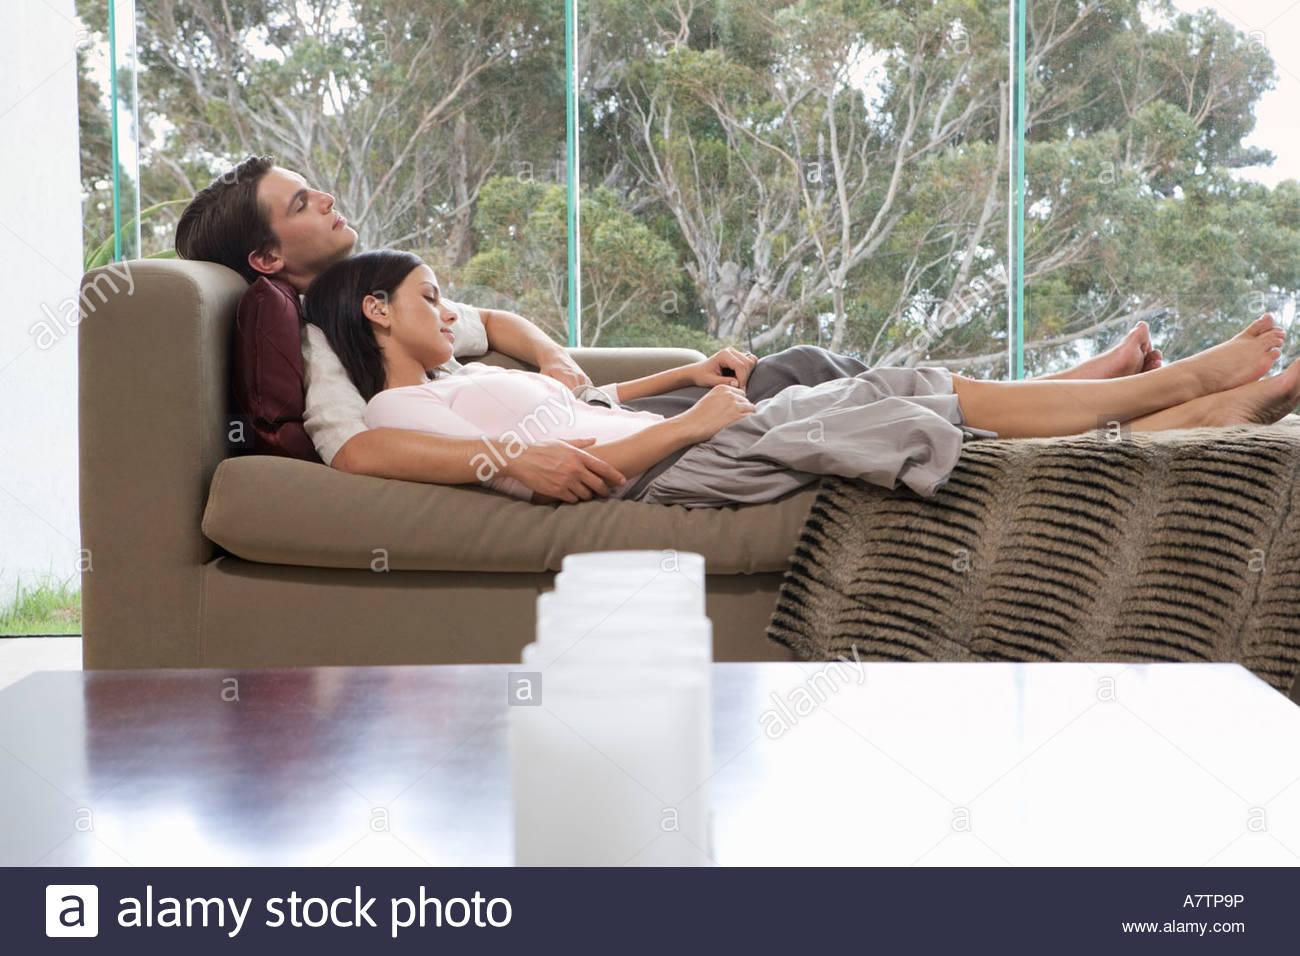 Una giovane coppia posa su un divano Immagini Stock